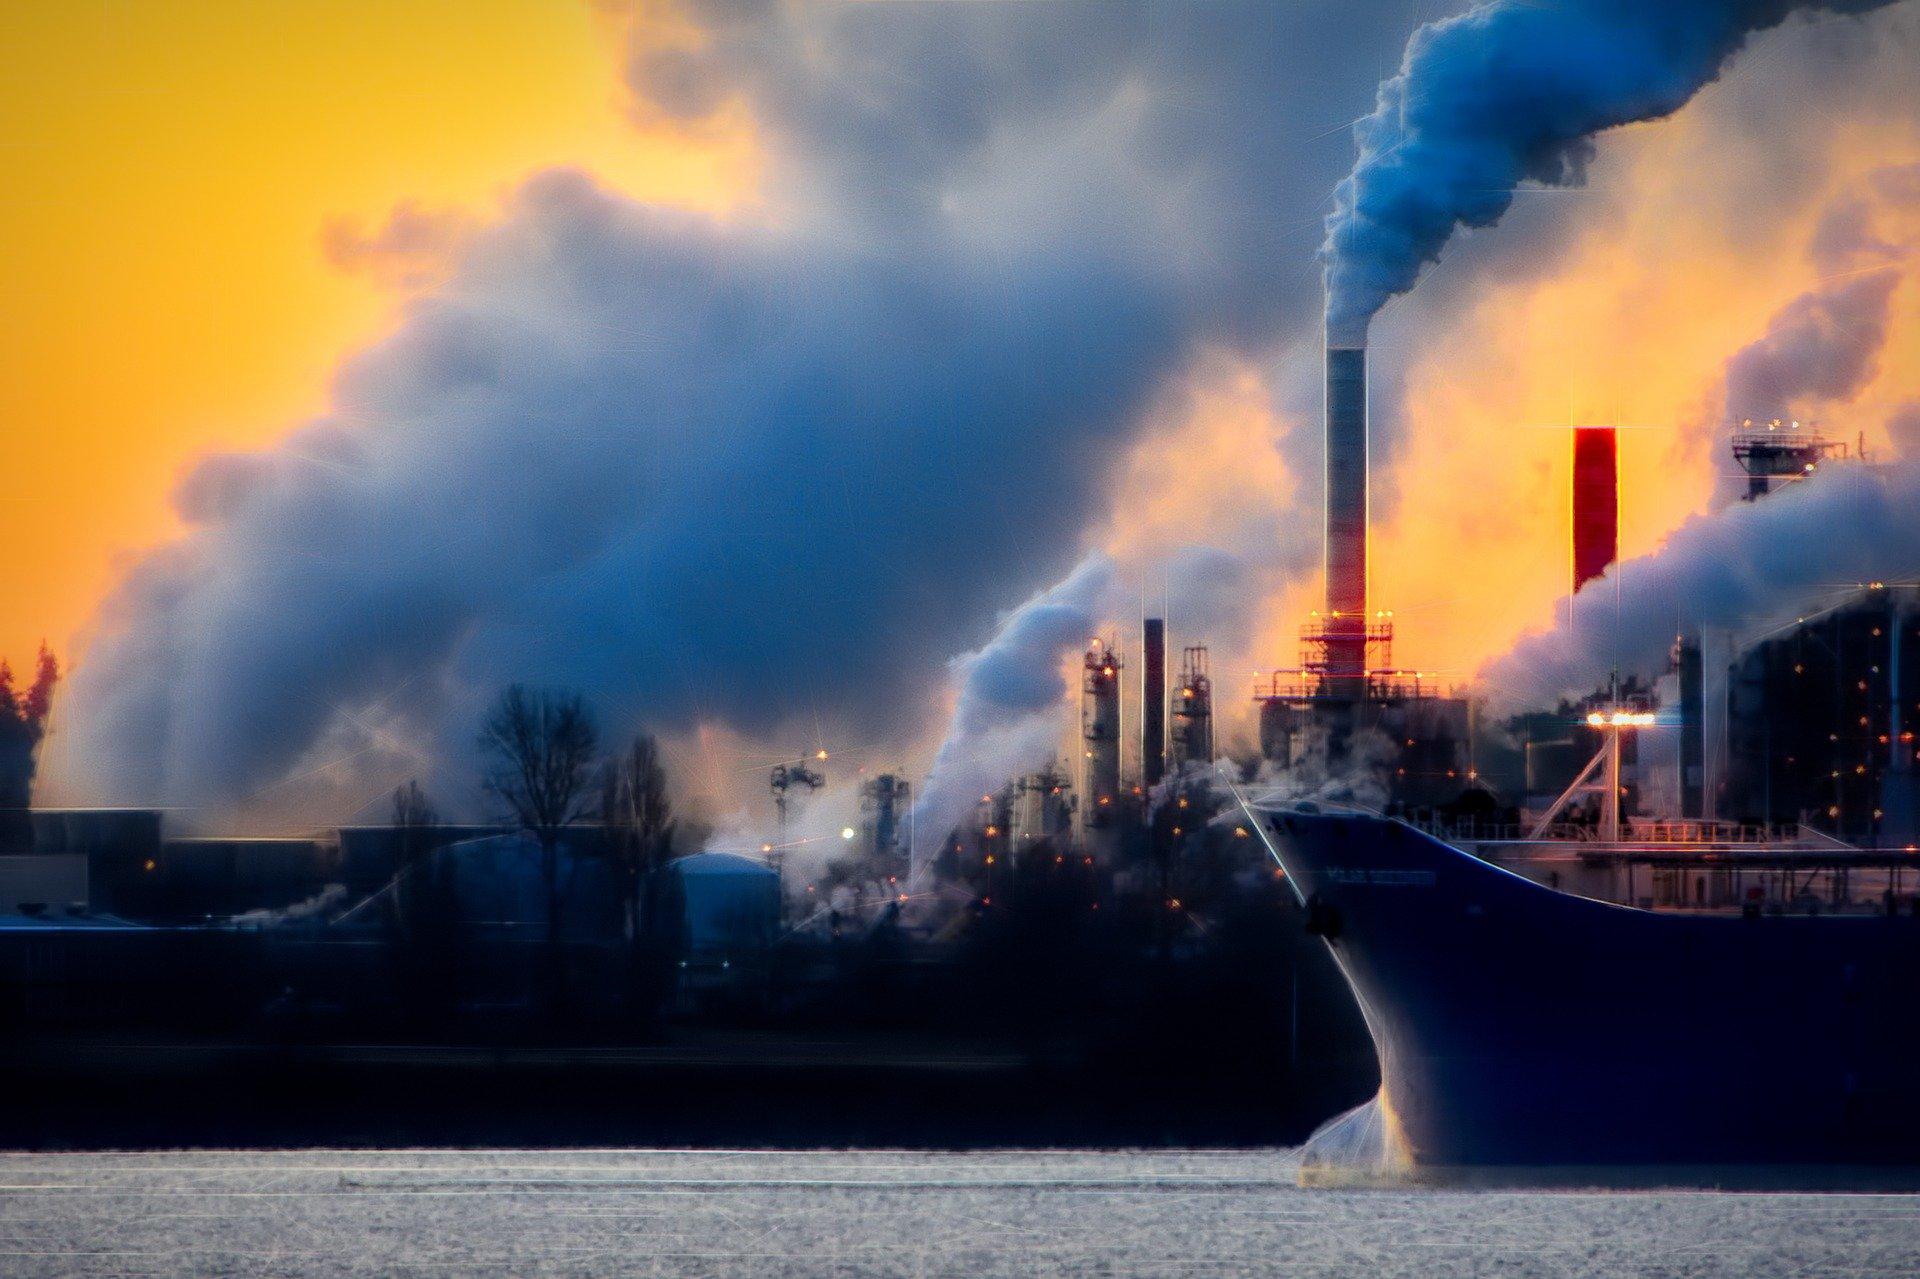 Климатолог Рябов:  через 100 лет потепление вызовет переселение народов